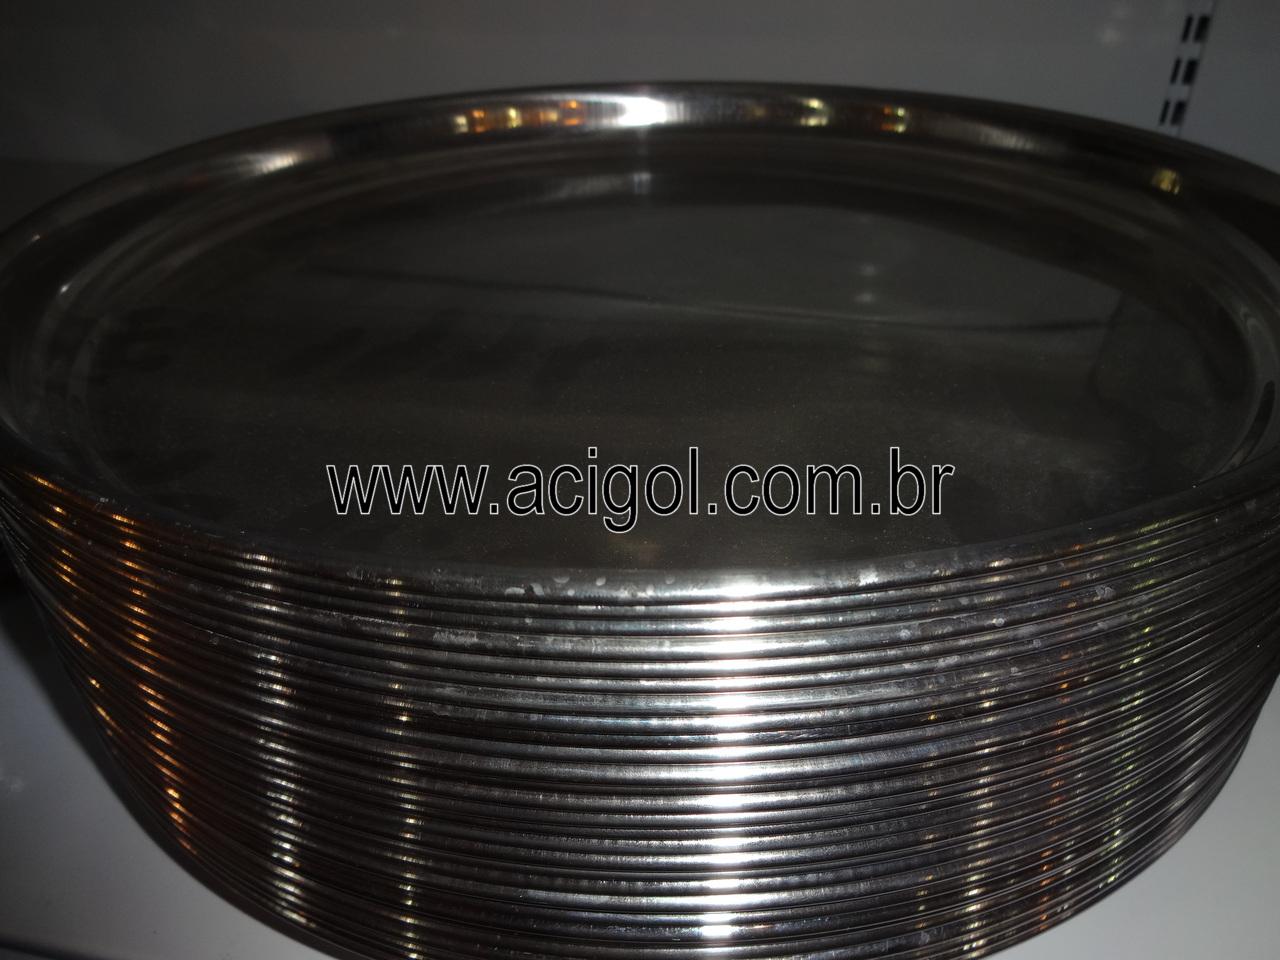 bandeja inox-foto acigol 81 34451782-DSC00052